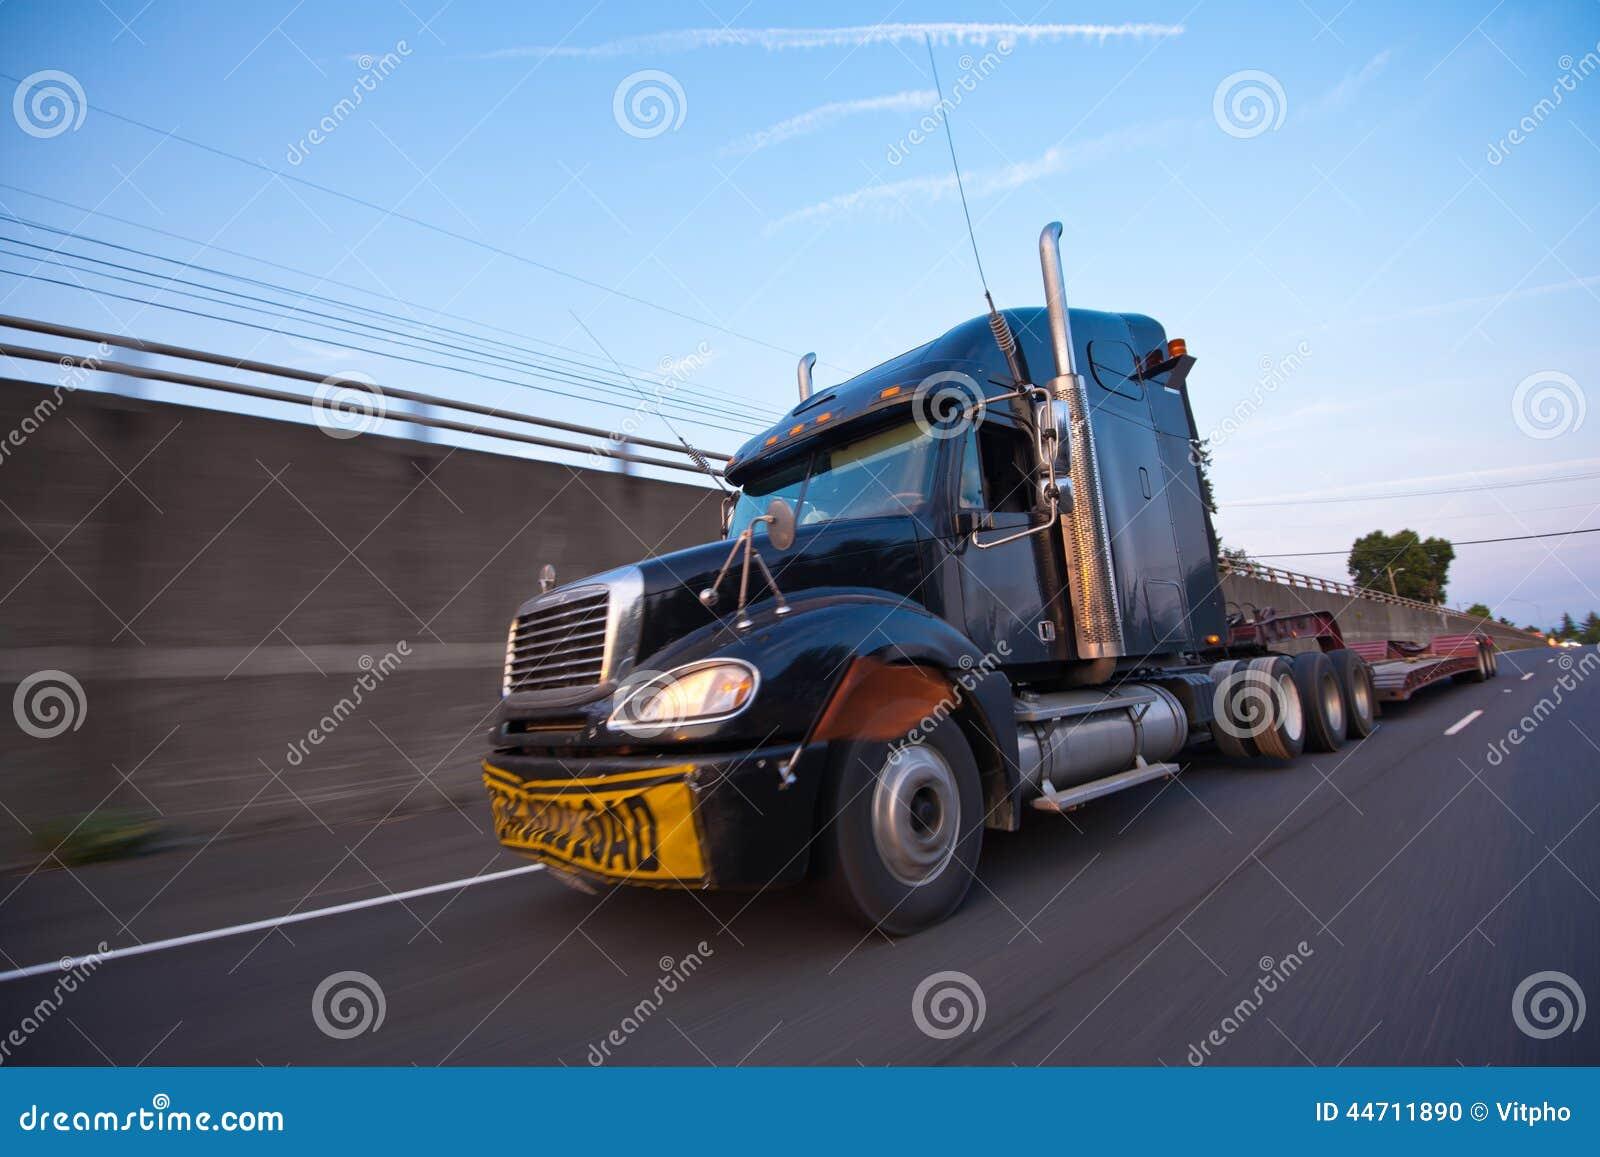 semi truck with trailer inscription overload at speed on Semi- Trailer Cartoon Semi Truck Logos